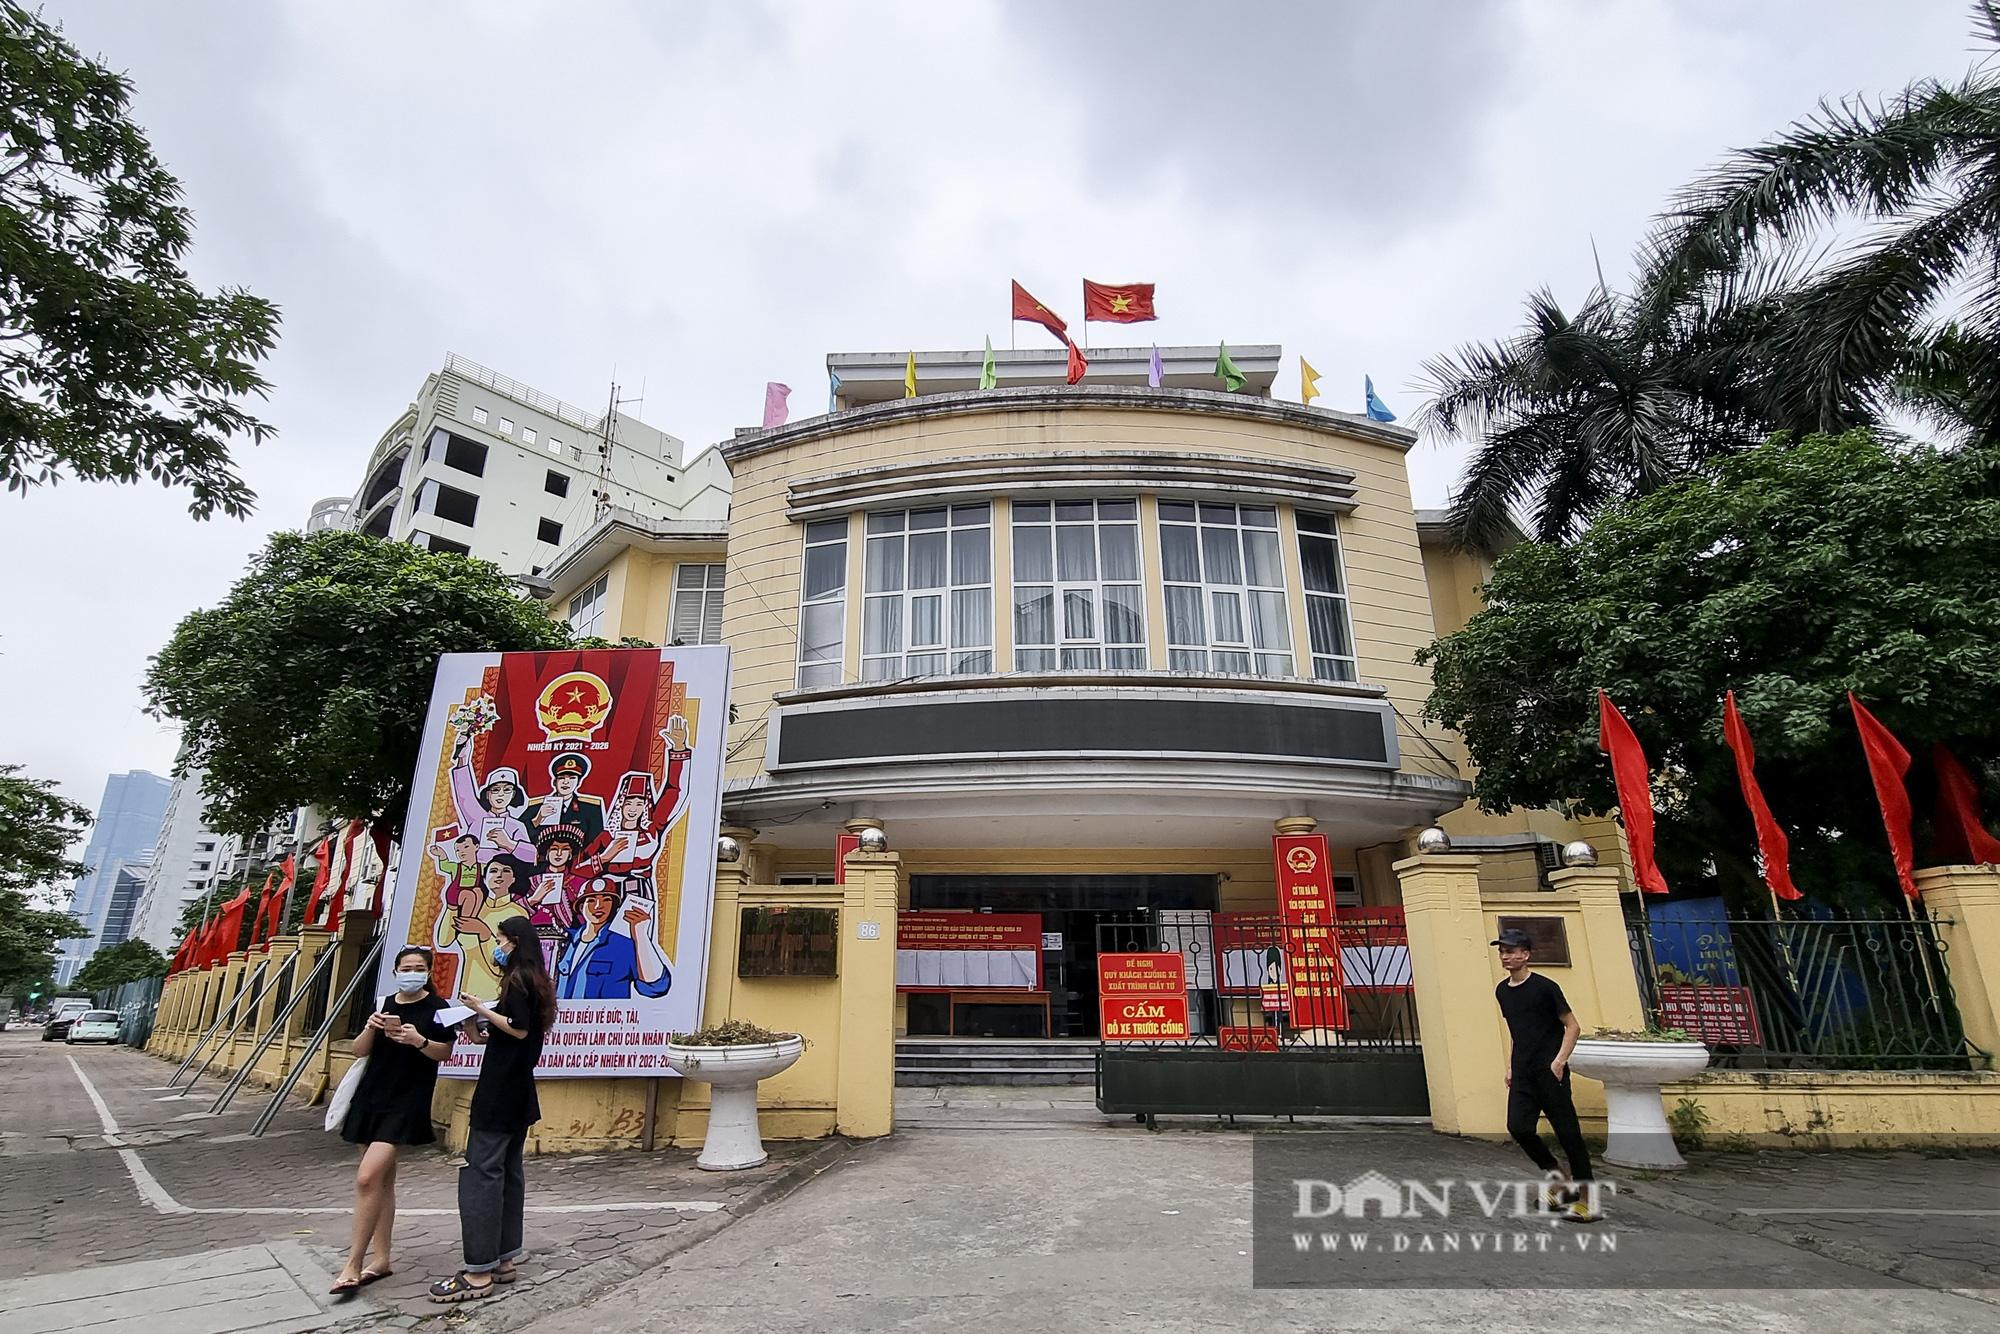 Đường phố Hà Nội trang hoàng rực rỡ trước ngày bầu cử - Ảnh 10.